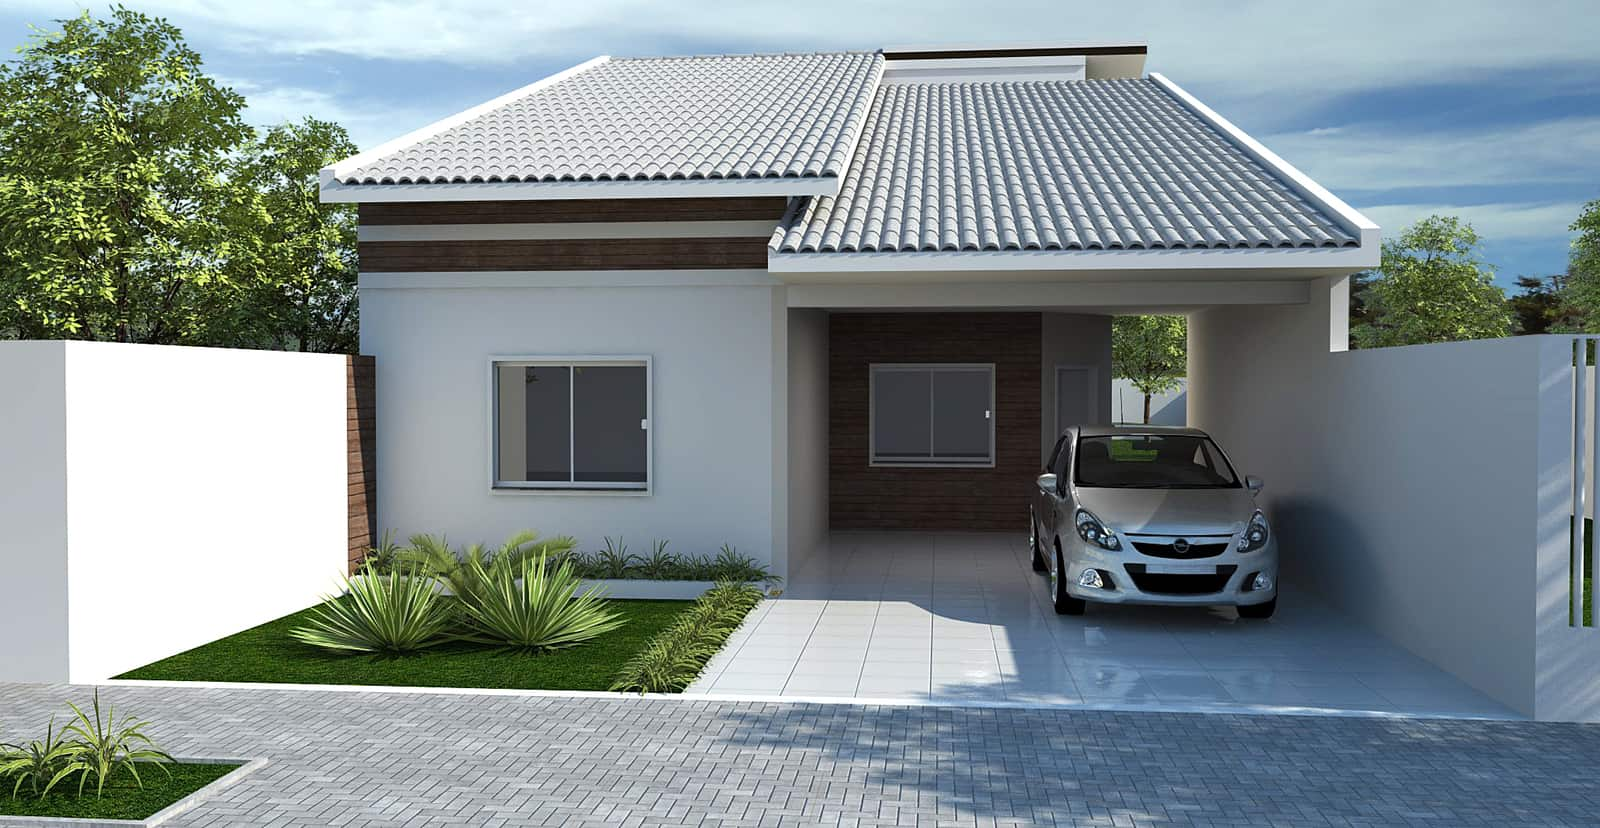 17 ideias de fachada para casas pequenas veja fotos - Fachadas de casas pintadas ...